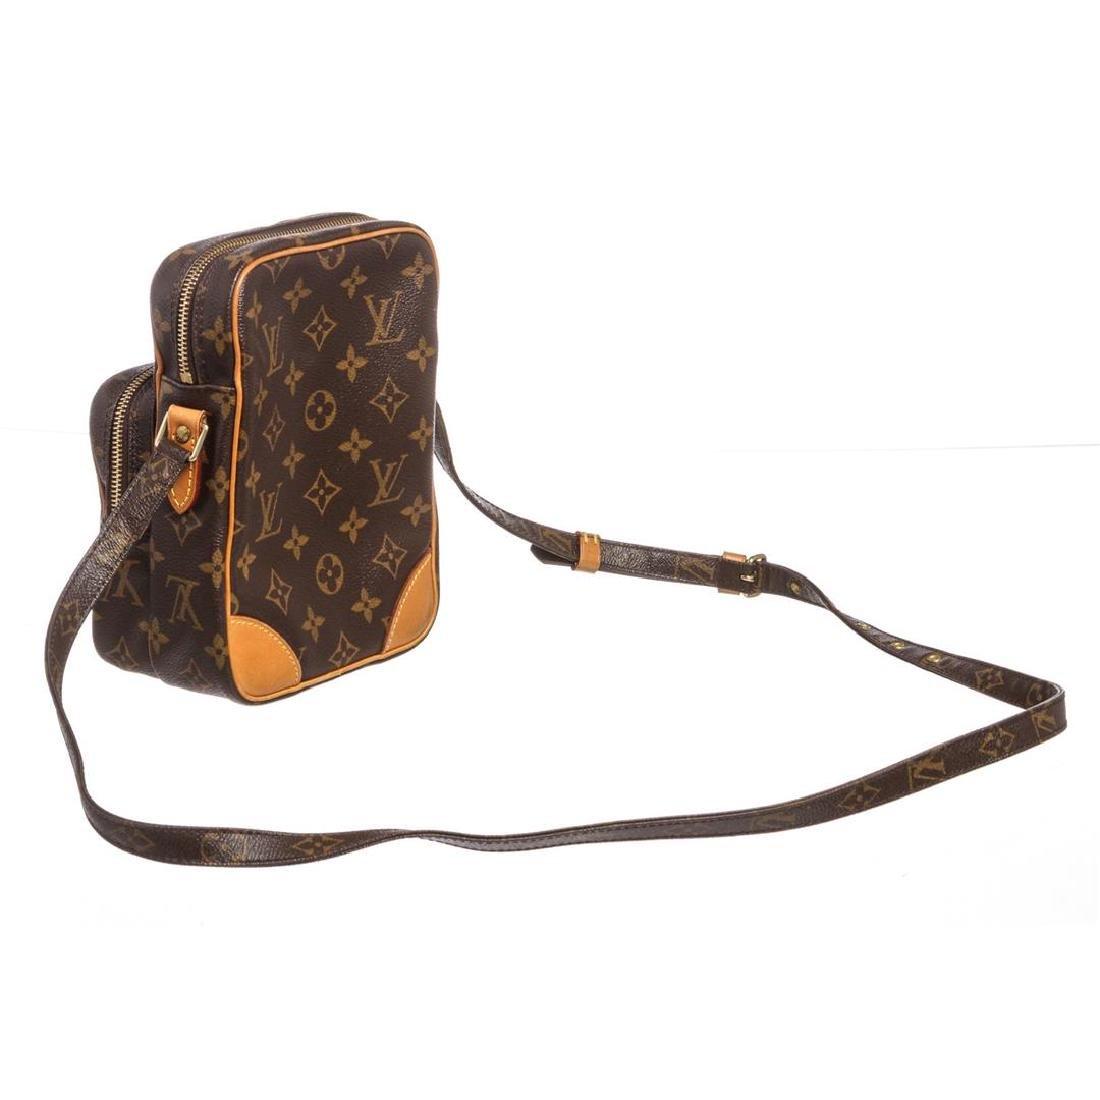 Louis Vuitton Monogram Canvas Leather Amazone Crossbody - 3